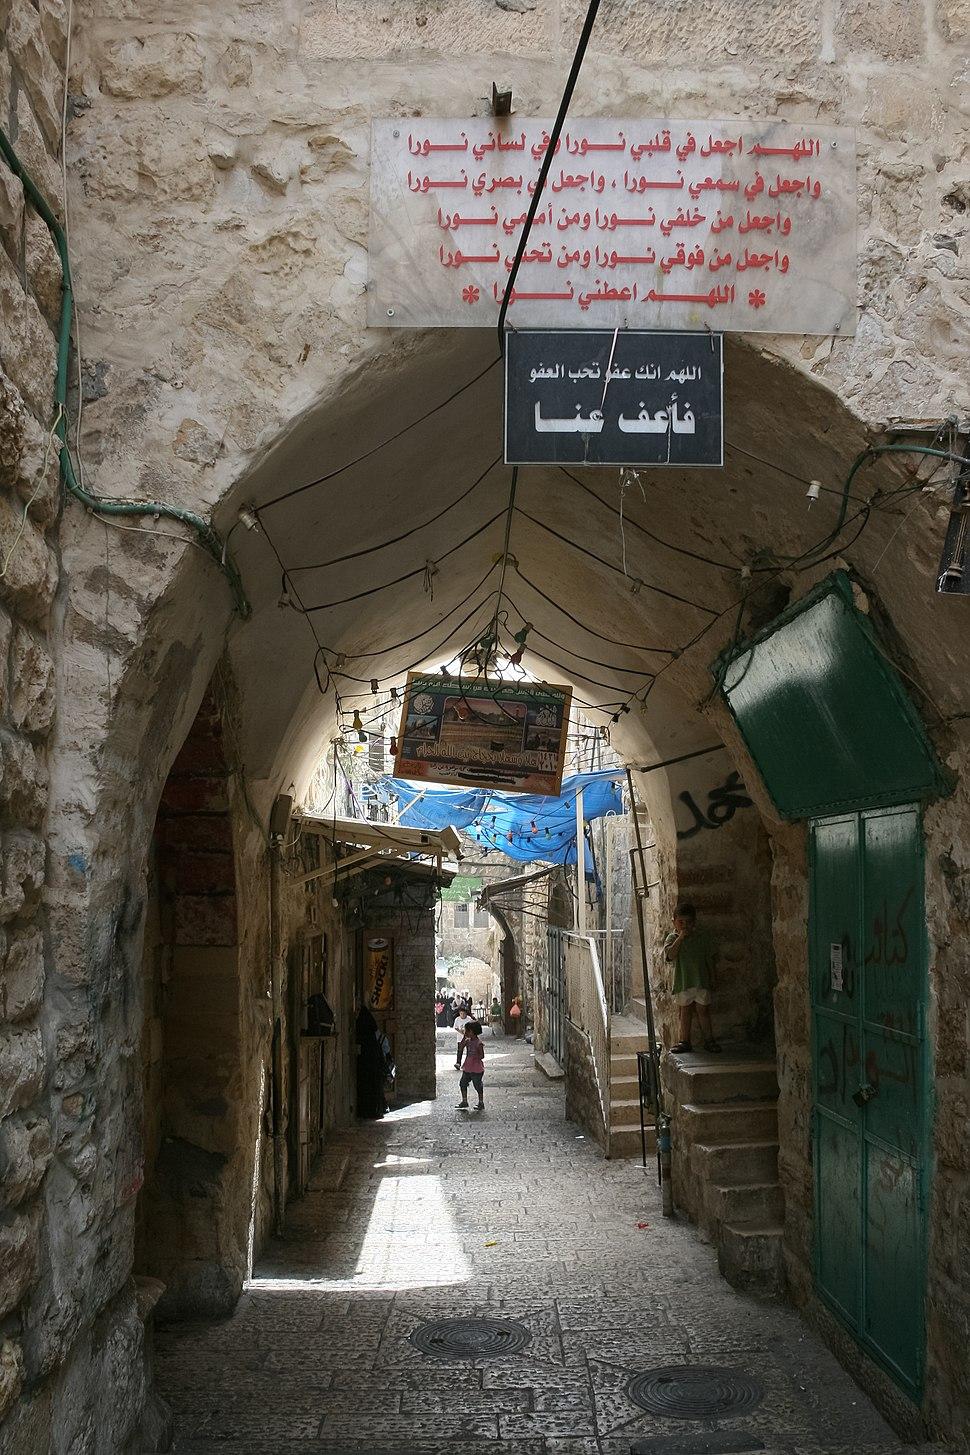 Street of the Old City of Jerusalem